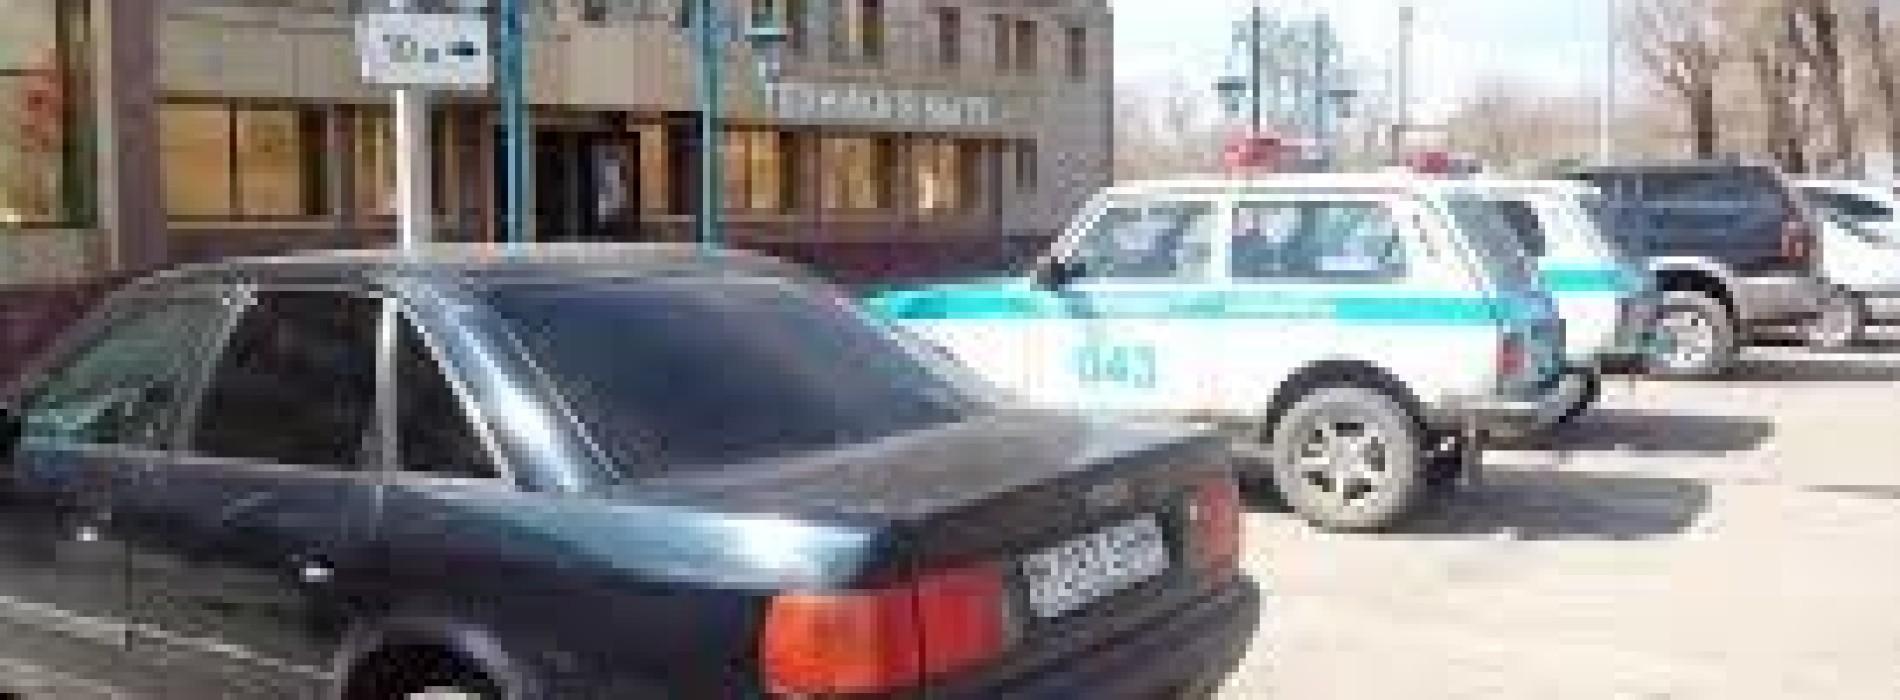 В Акмолинской области оштрафовали водителя служебного автомобиля